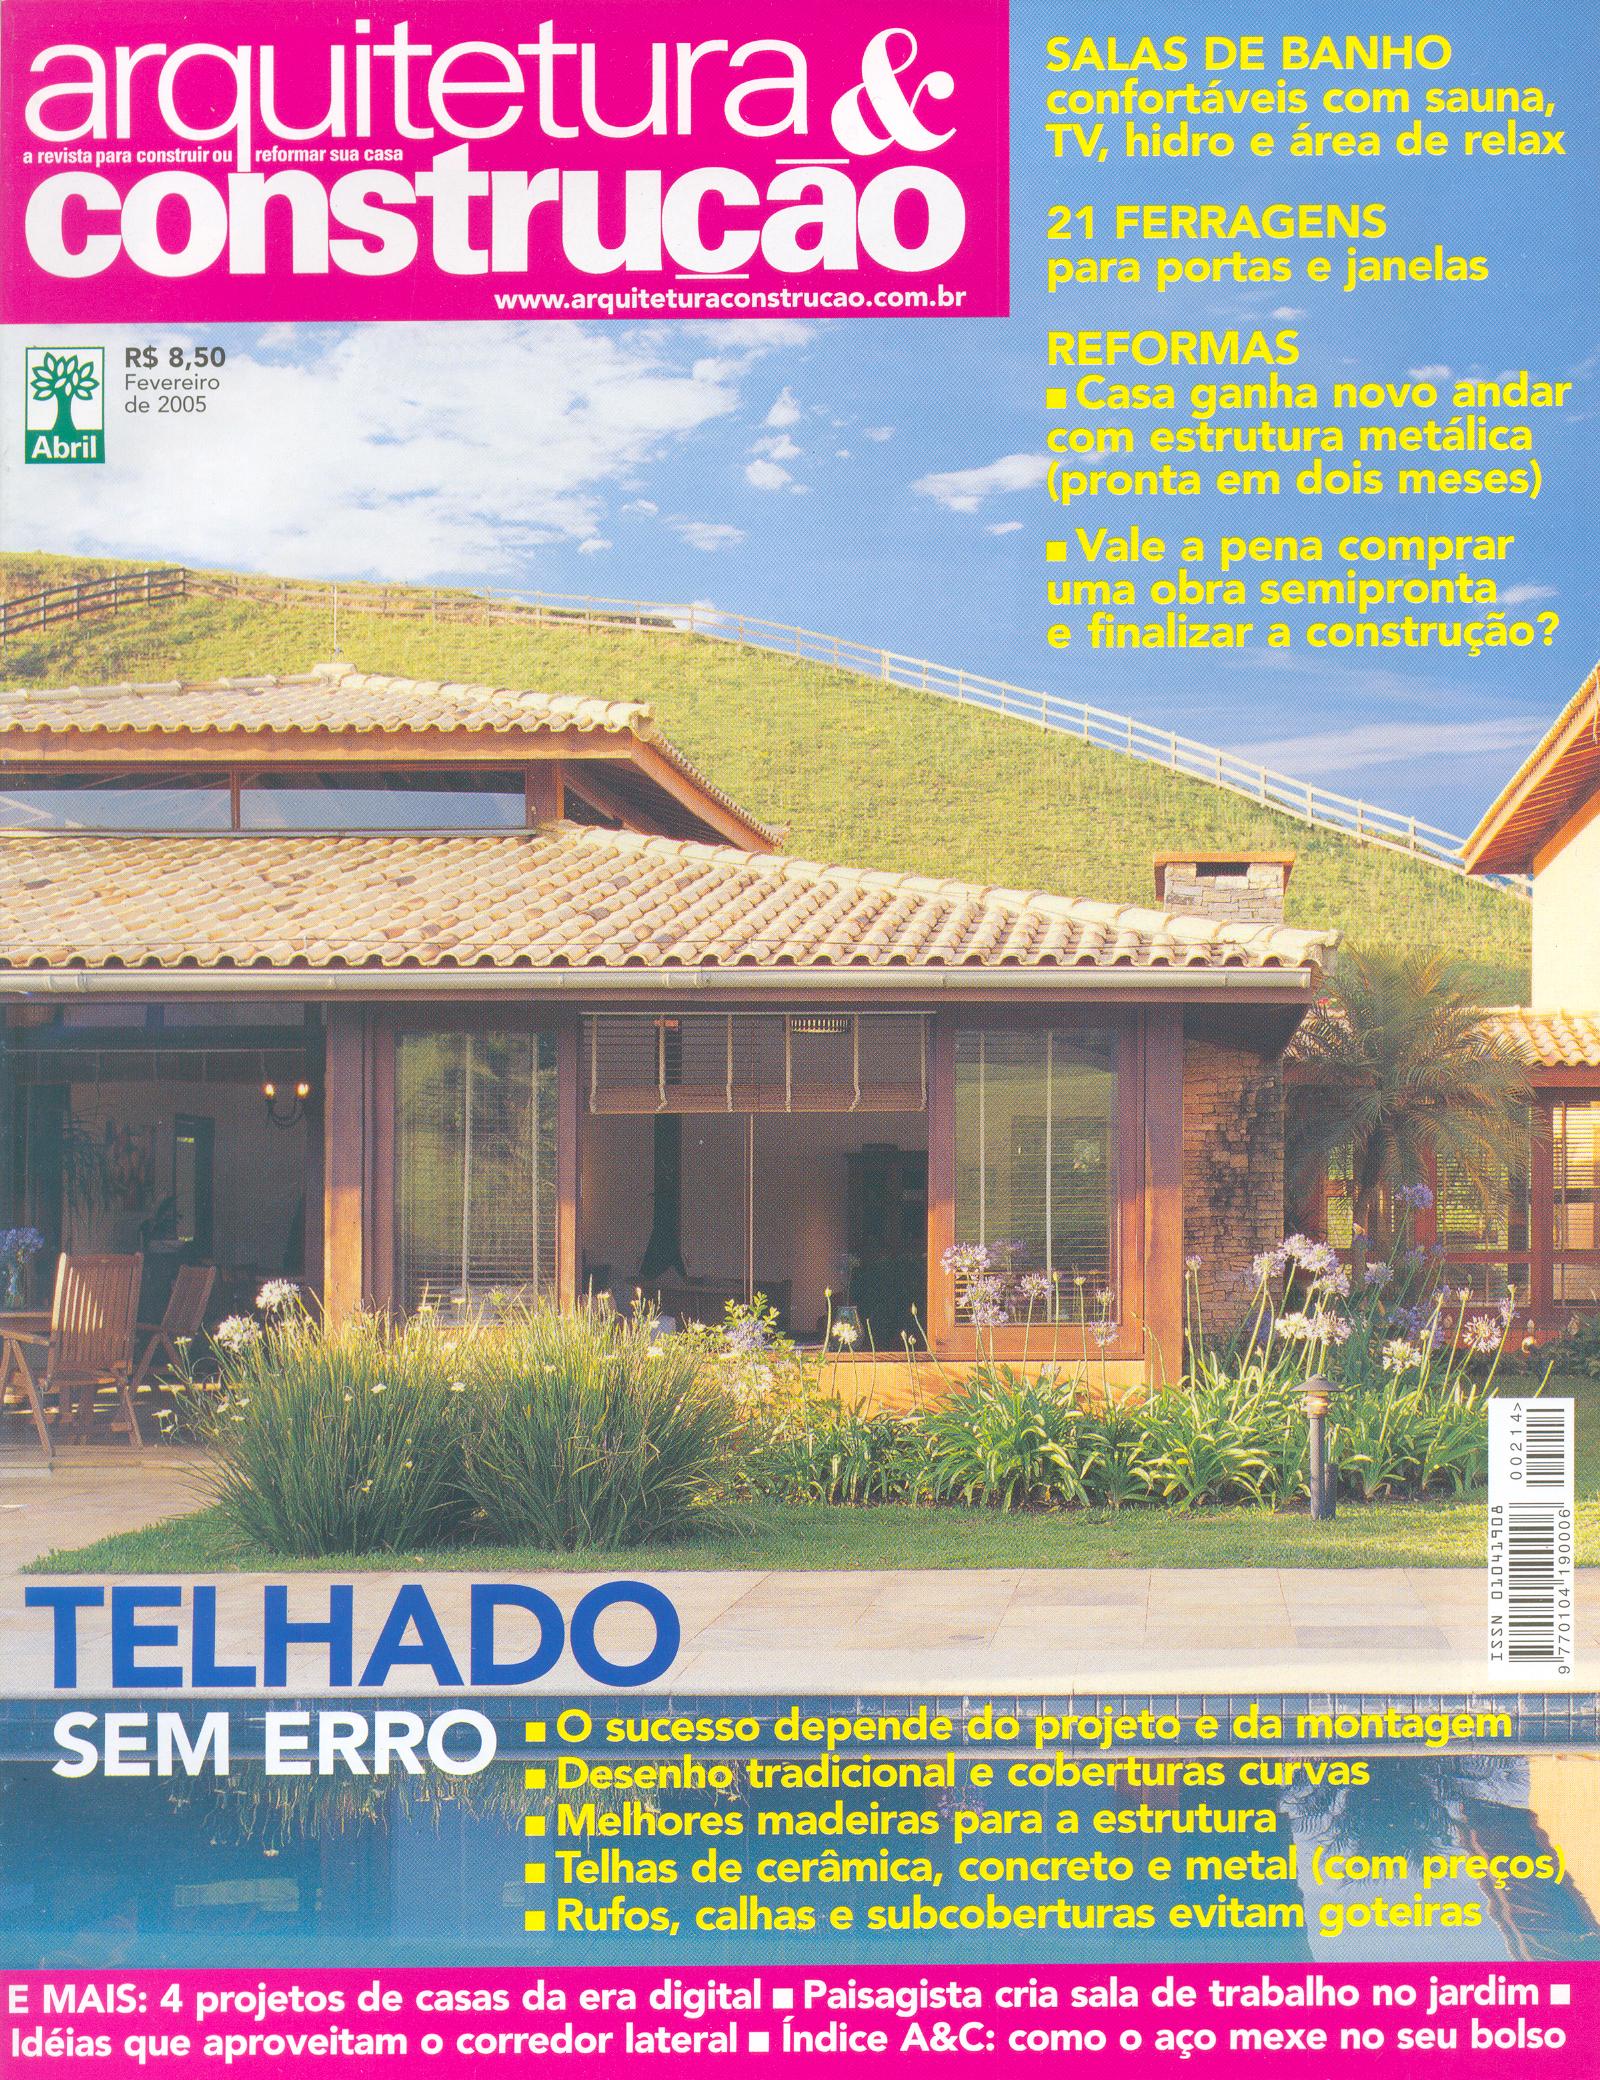 arquitetura e construção fevereiro 2005.jpg